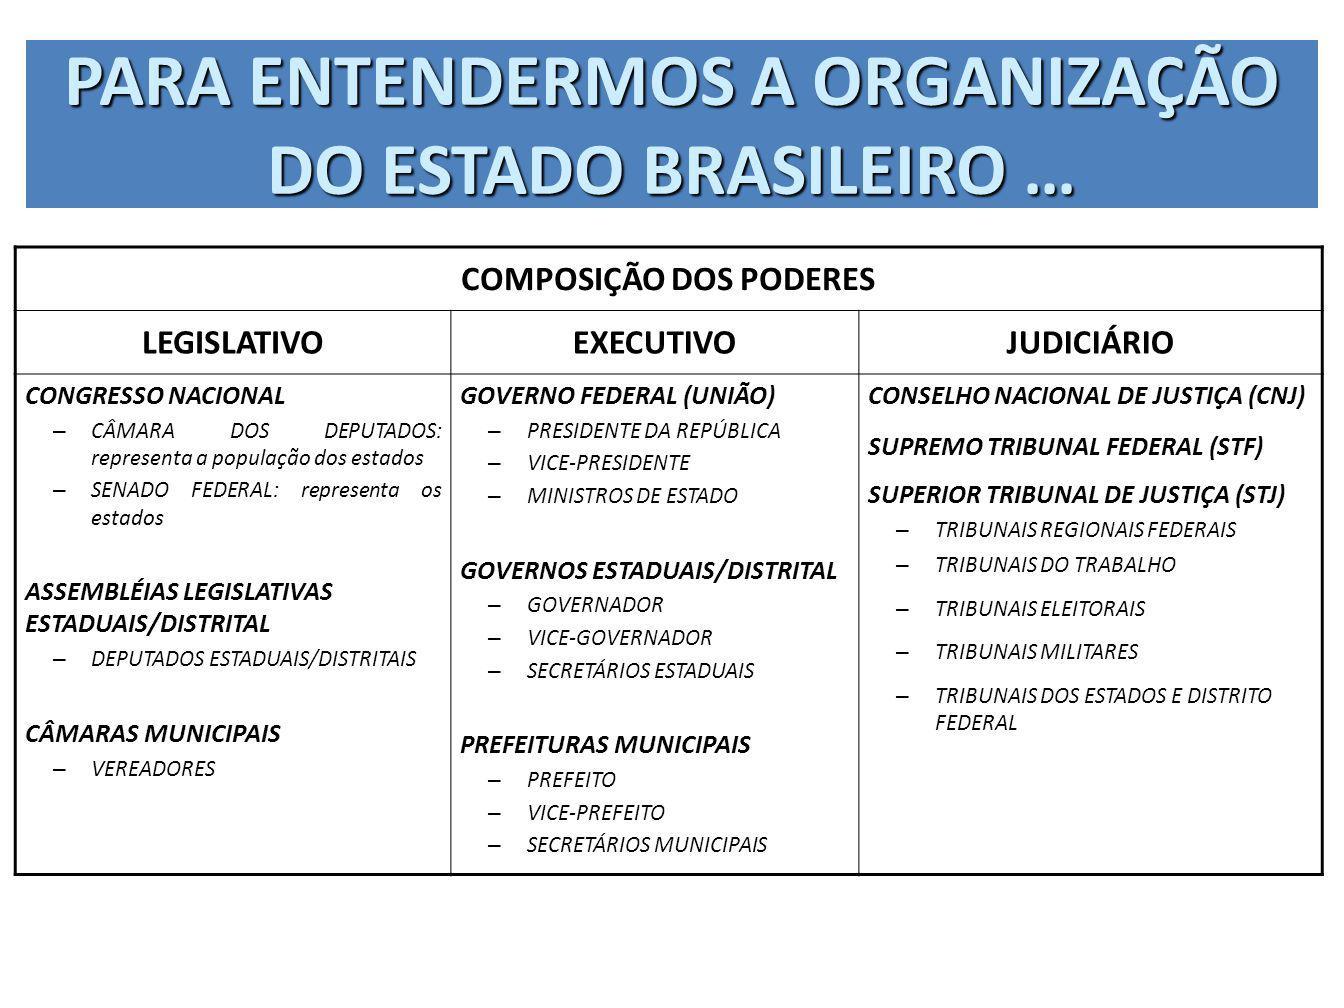 PARA ENTENDERMOS A ORGANIZAÇÃO DO ESTADO BRASILEIRO … COMPOSIÇÃO DOS PODERES LEGISLATIVOEXECUTIVOJUDICIÁRIO CONGRESSO NACIONAL – CÂMARA DOS DEPUTADOS: